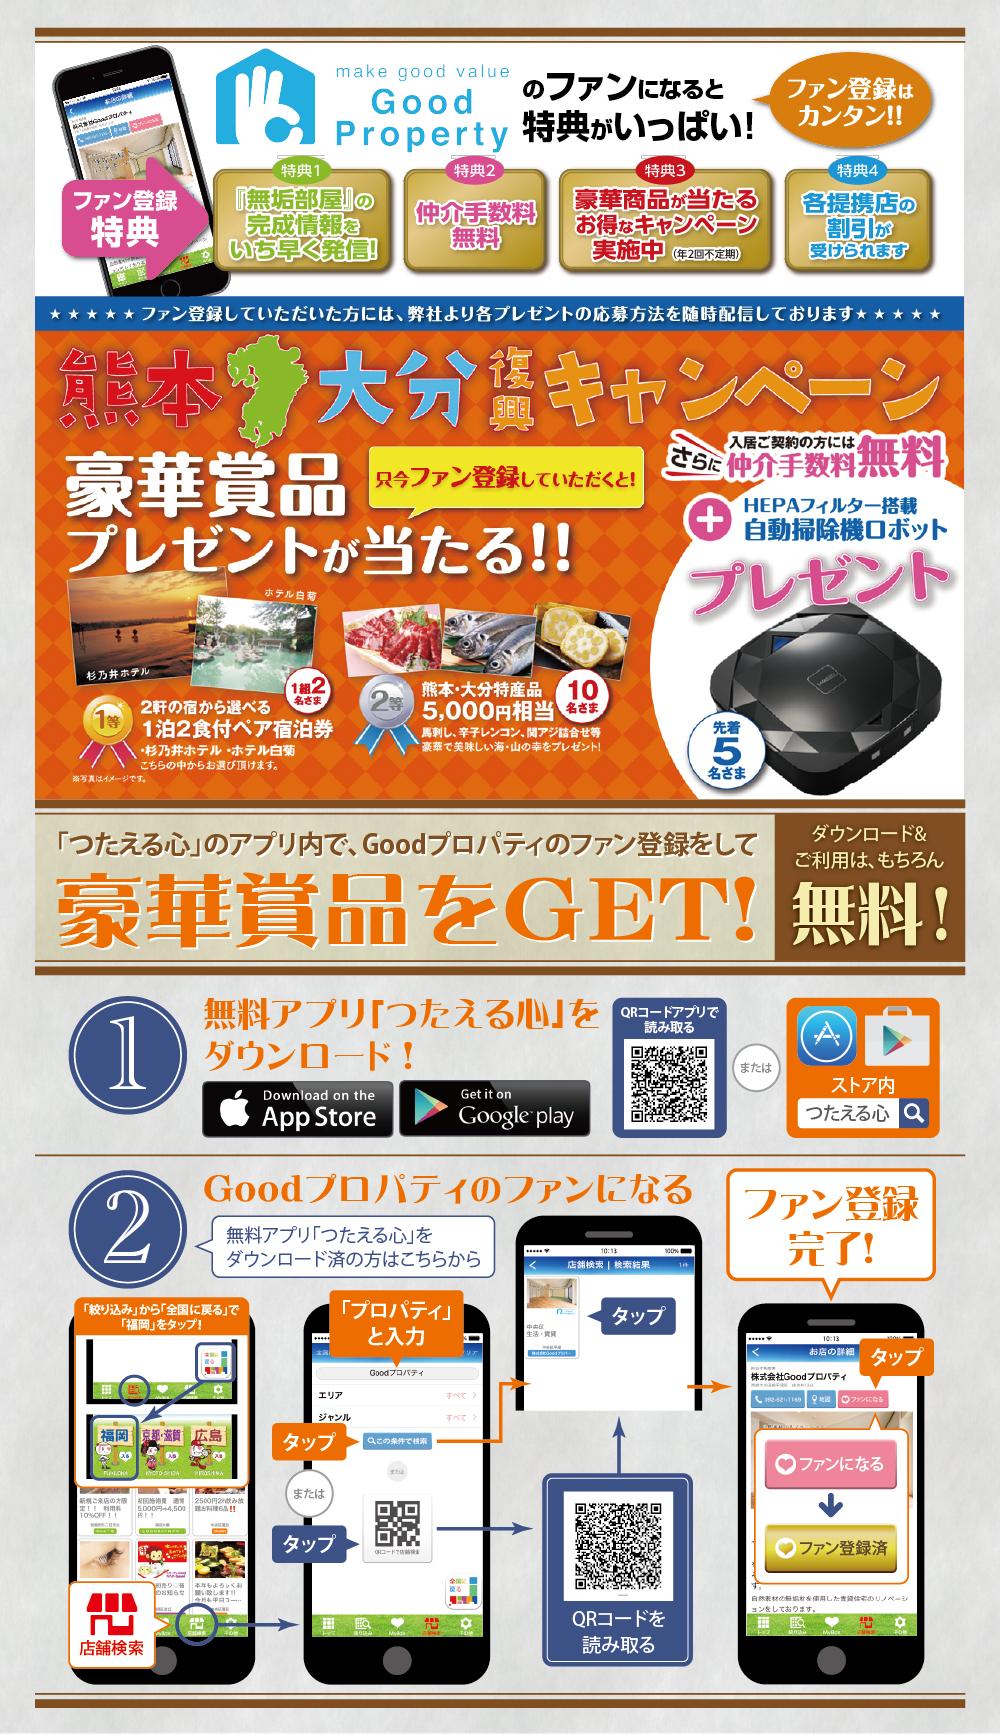 熊本・大分 復興キャンペーン